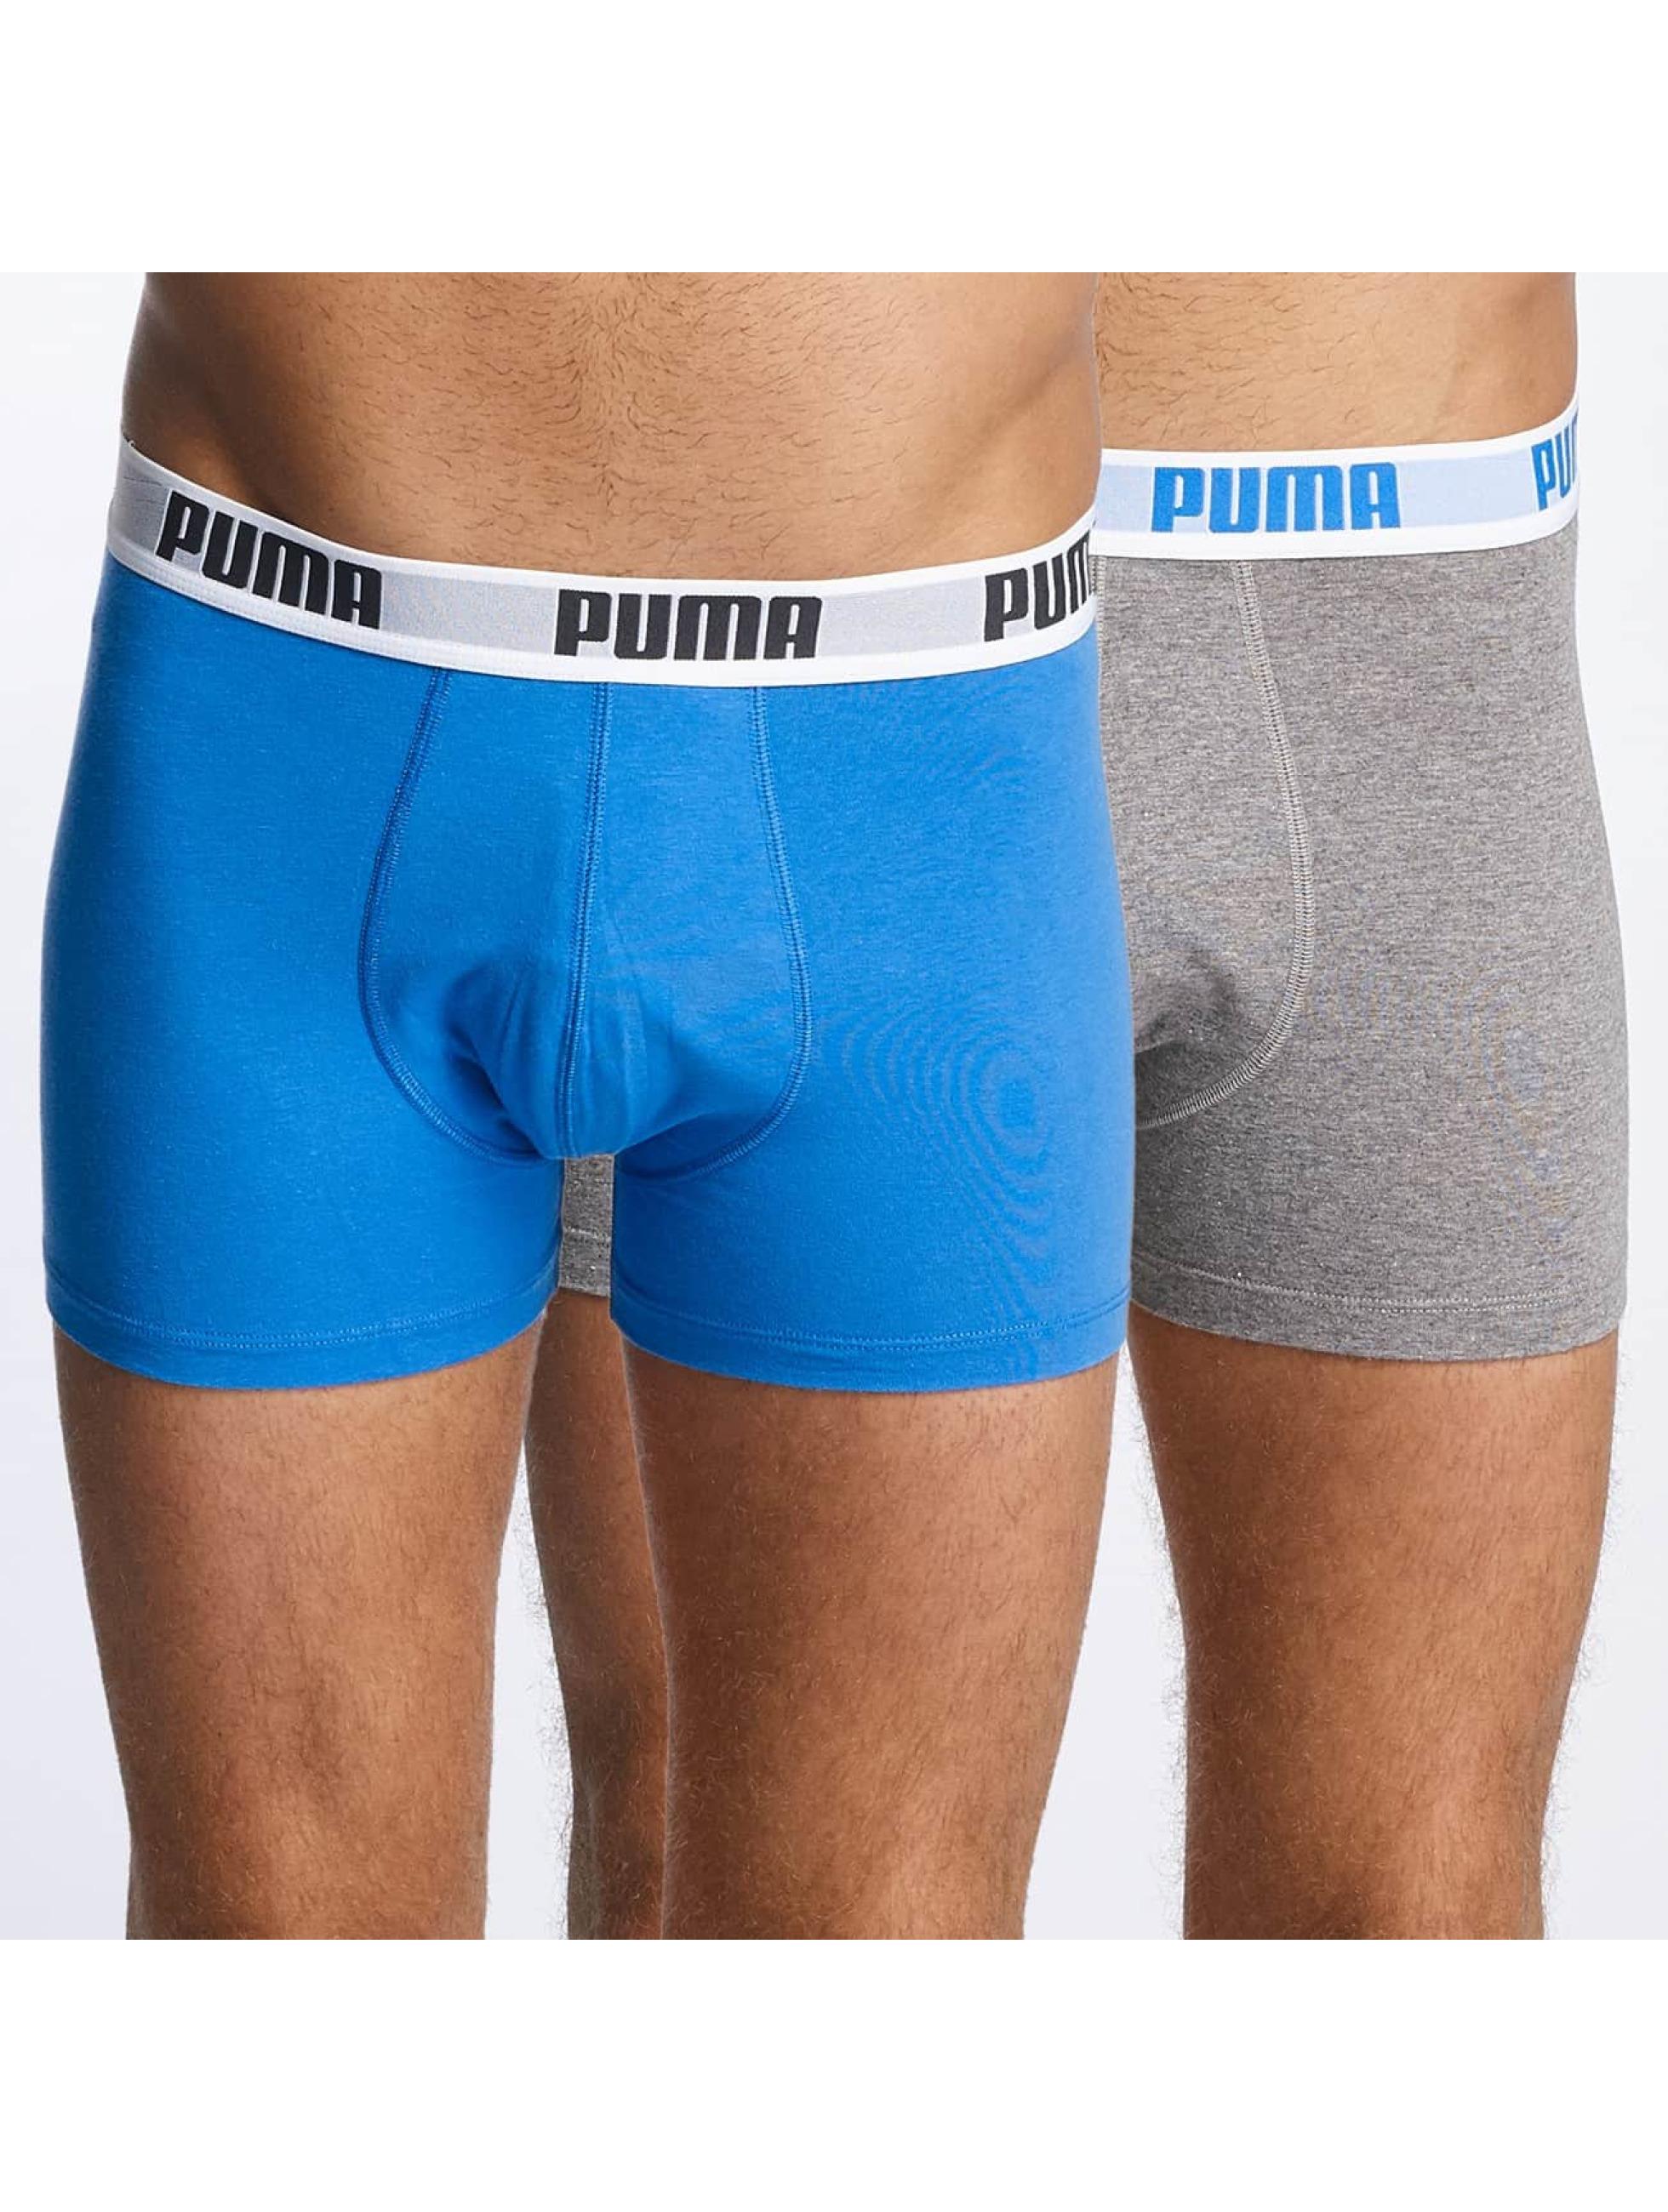 Puma boxershorts 2-Pack Basic blauw